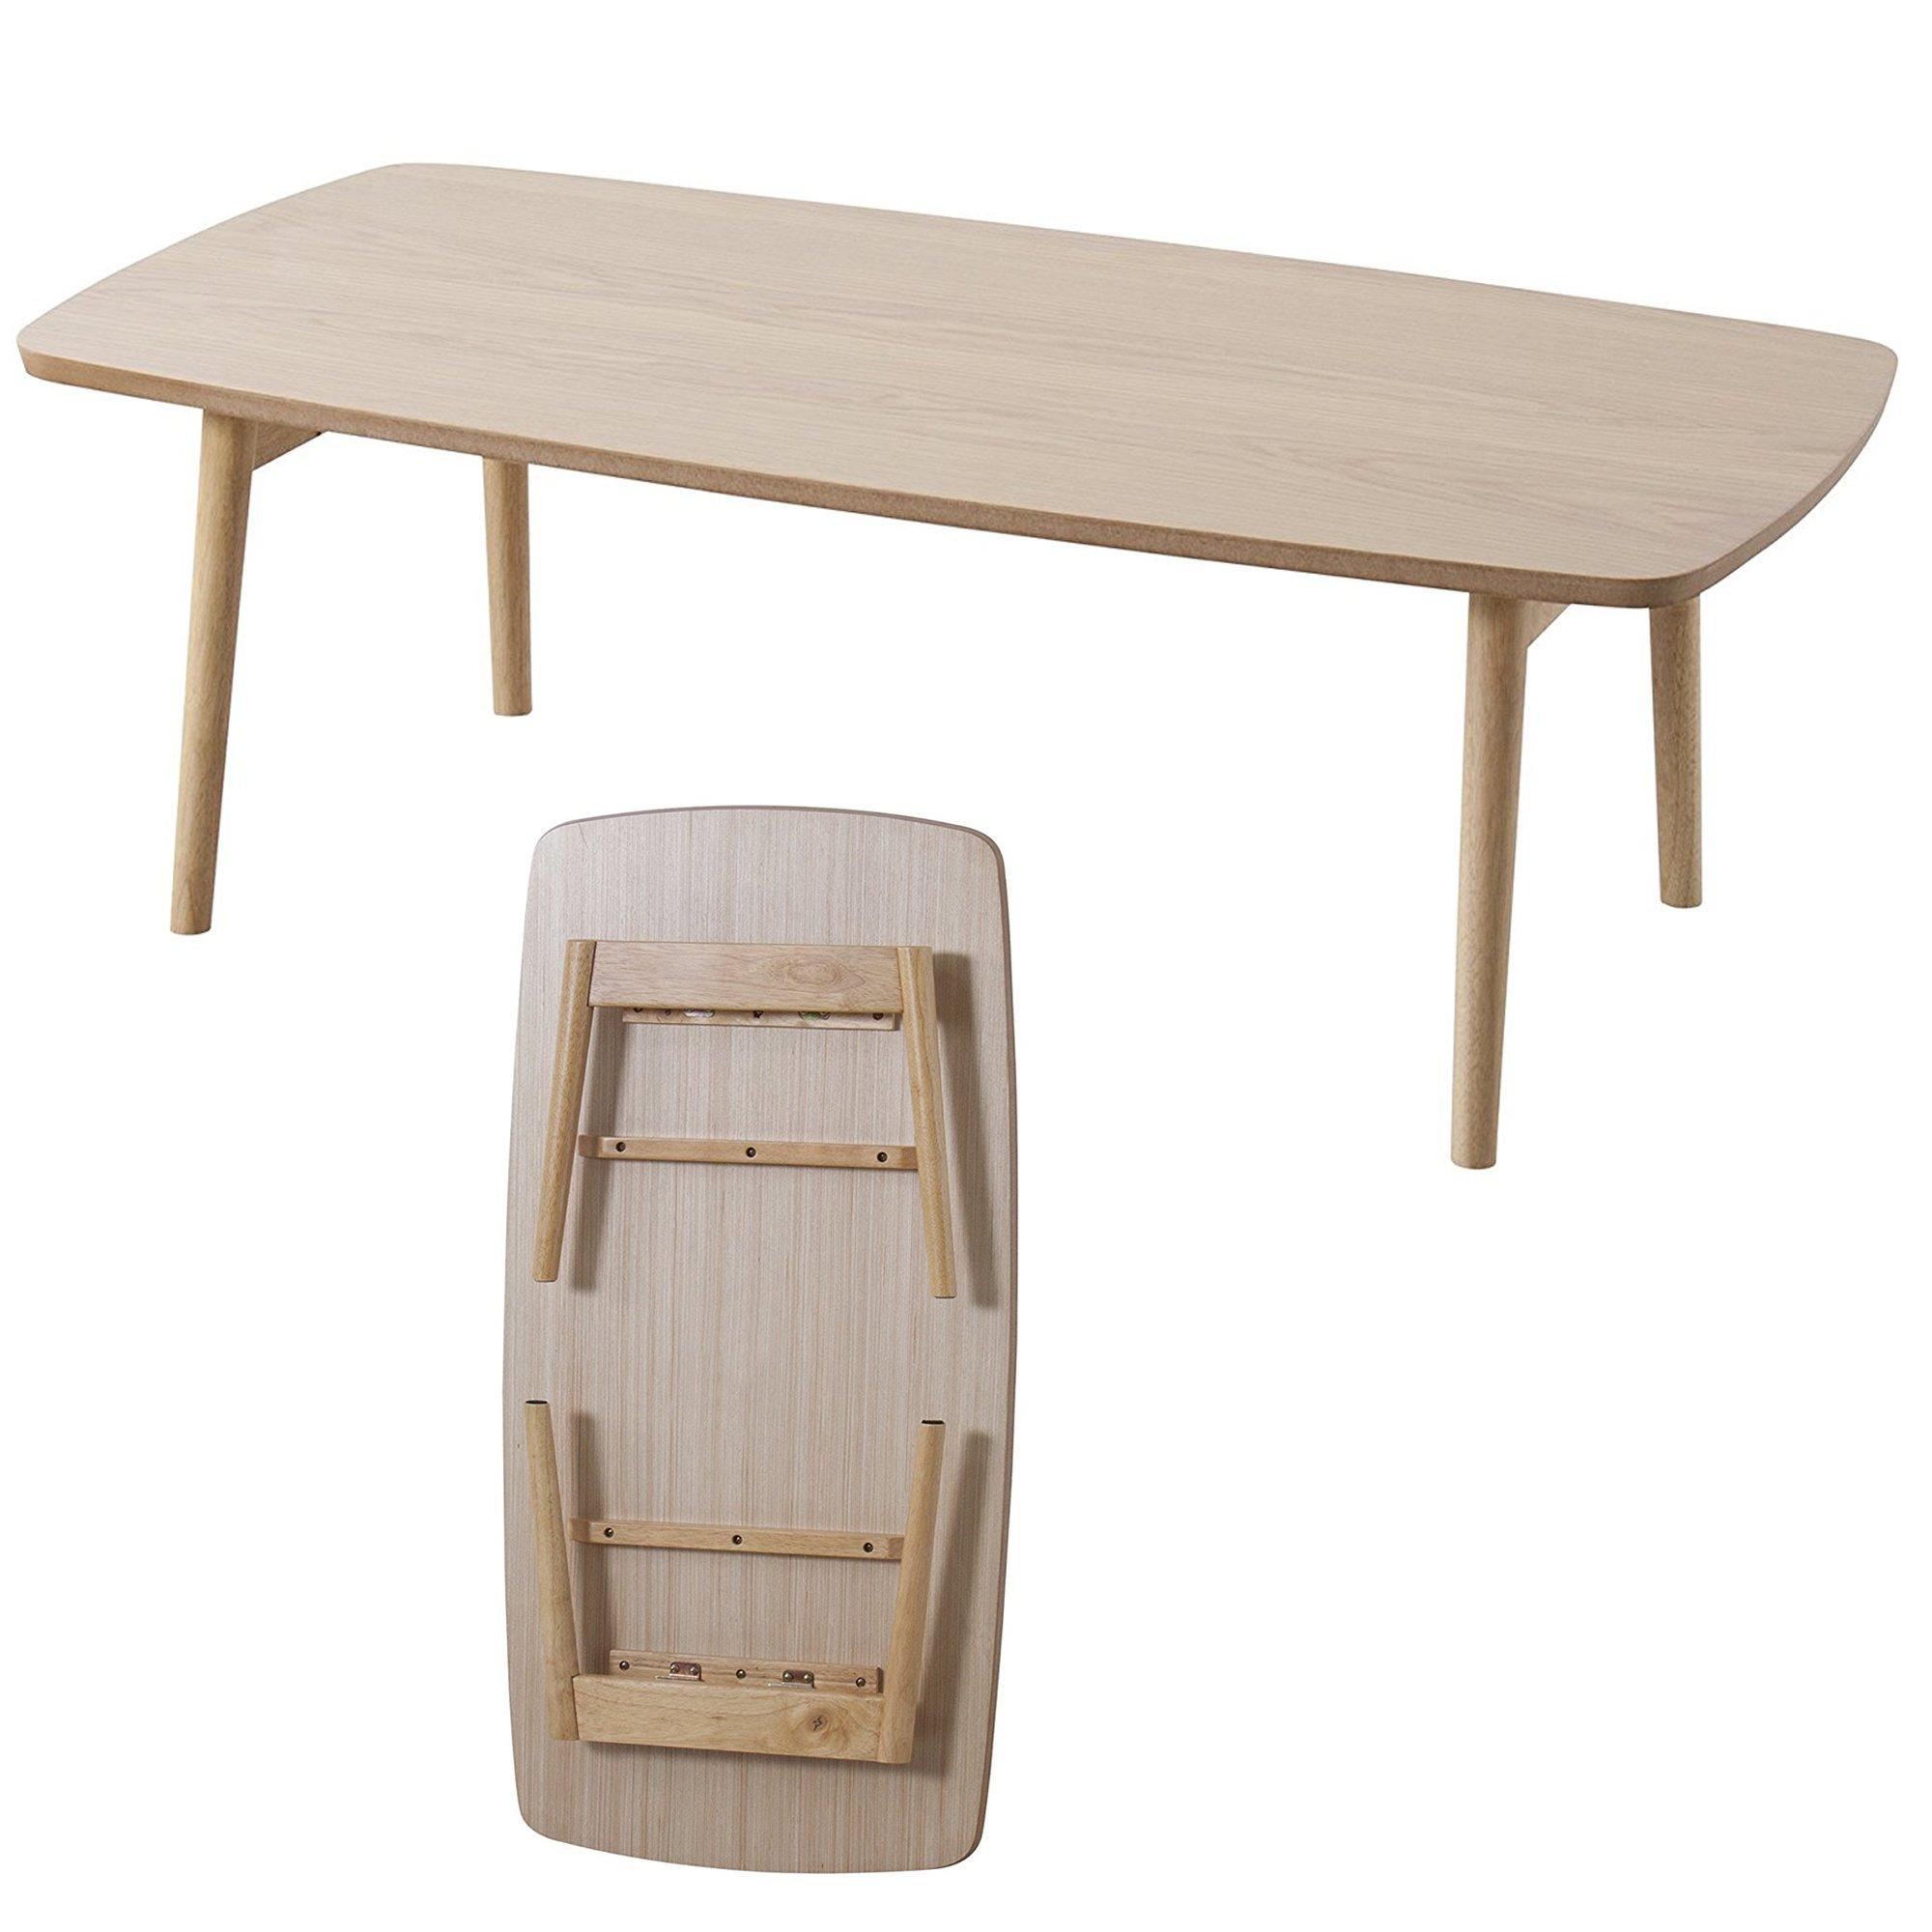 Cheap folding wooden table legs find folding wooden table legs get quotations azumaya wooden folding legs coffee center table blt 229oak natural oak watchthetrailerfo